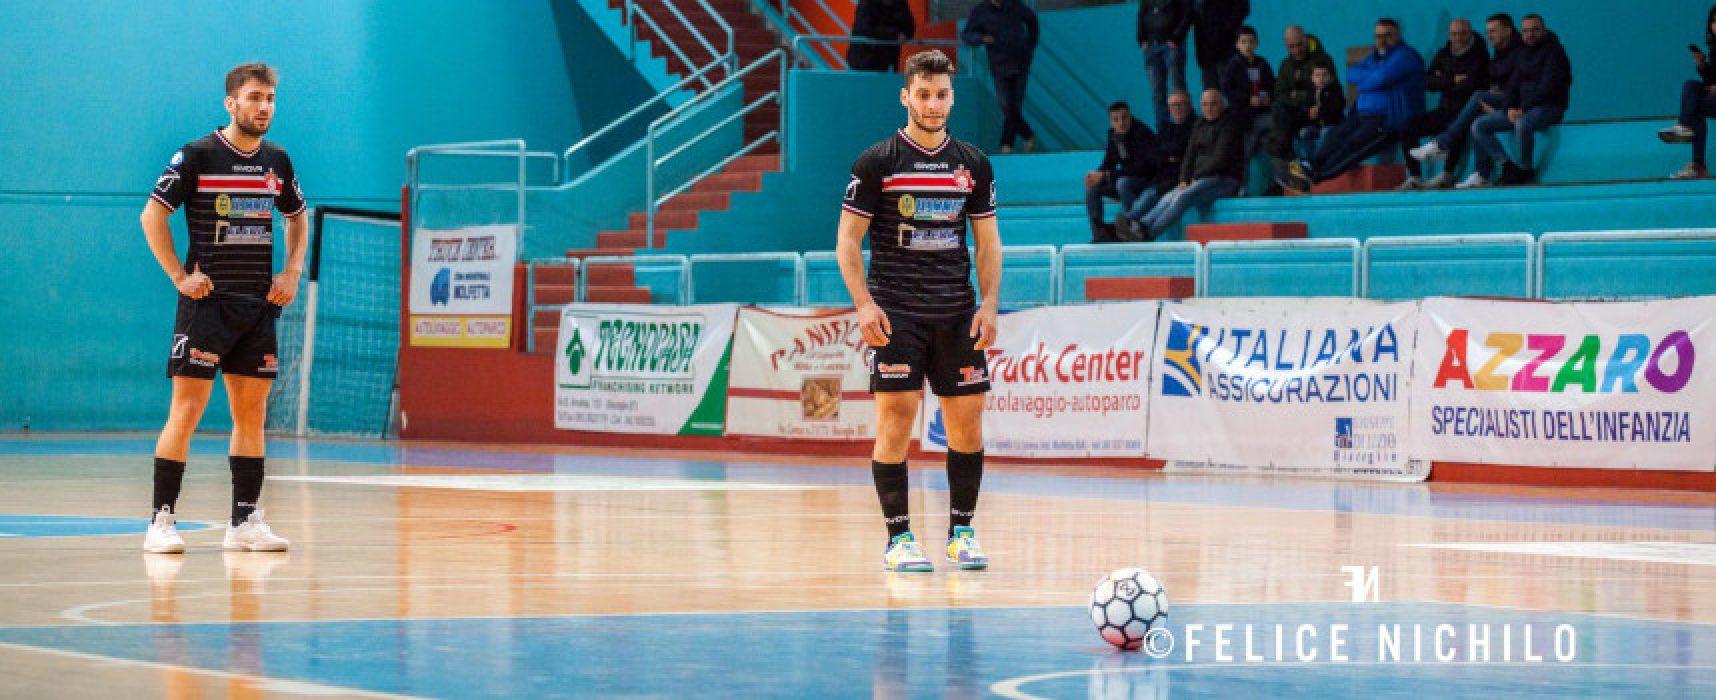 Impegno casalingo per la Diaz, derby per Cinco e Futsal Bisceglie